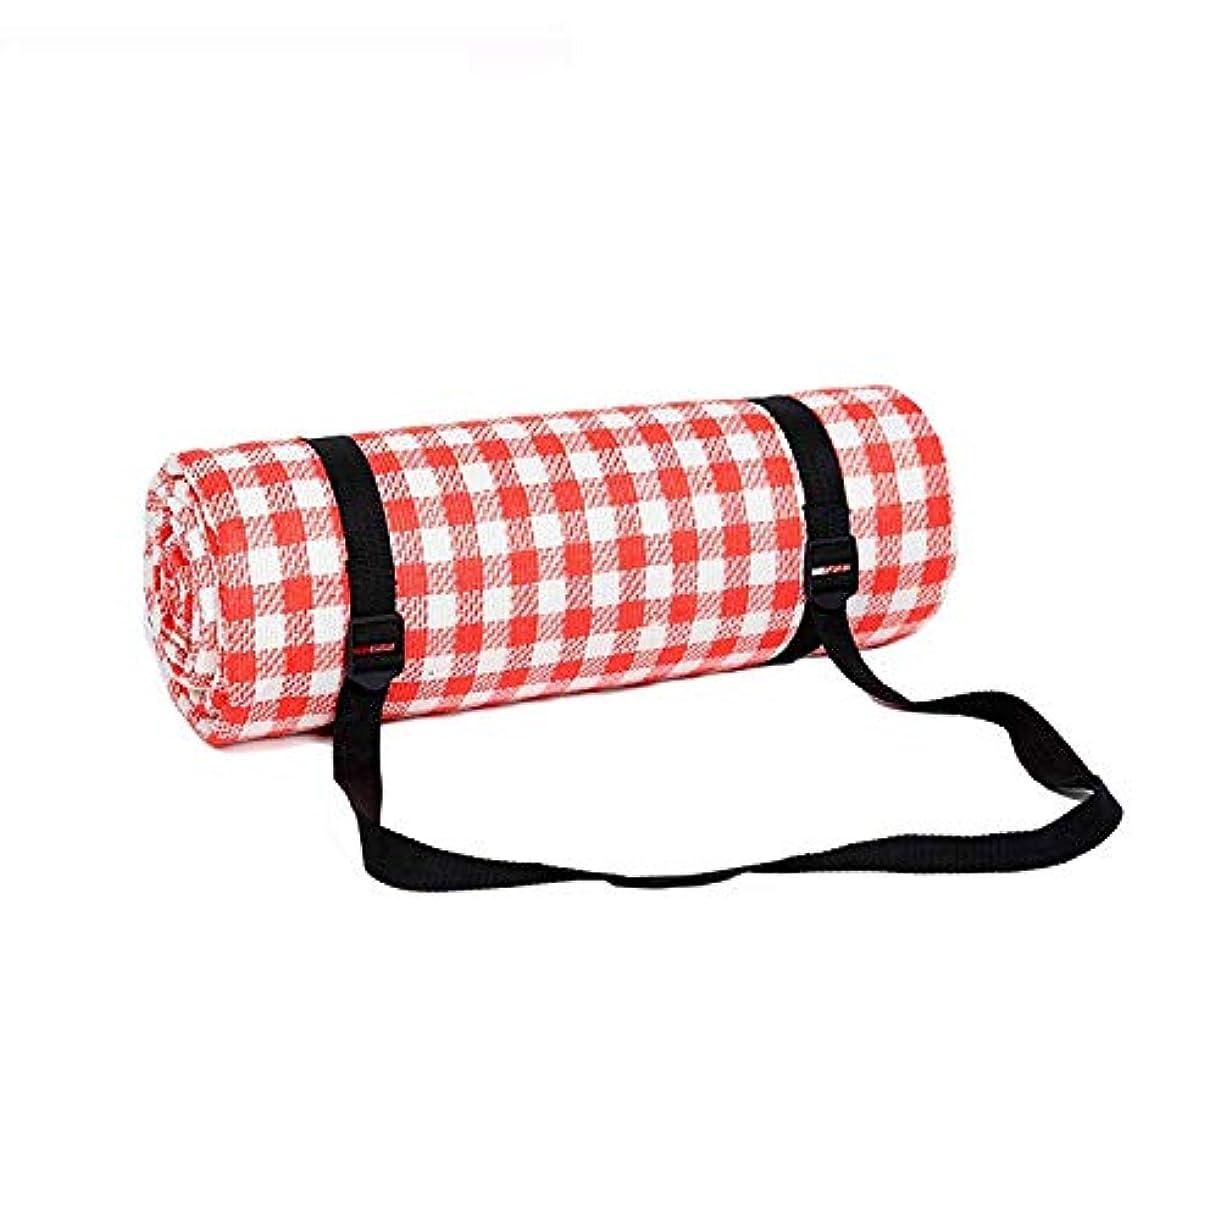 挨拶リゾート空ピクニック毛布、ポータブル防水スリーピングマット芝生マット屋外ビーチキャンプキャンプマット (色 : A)